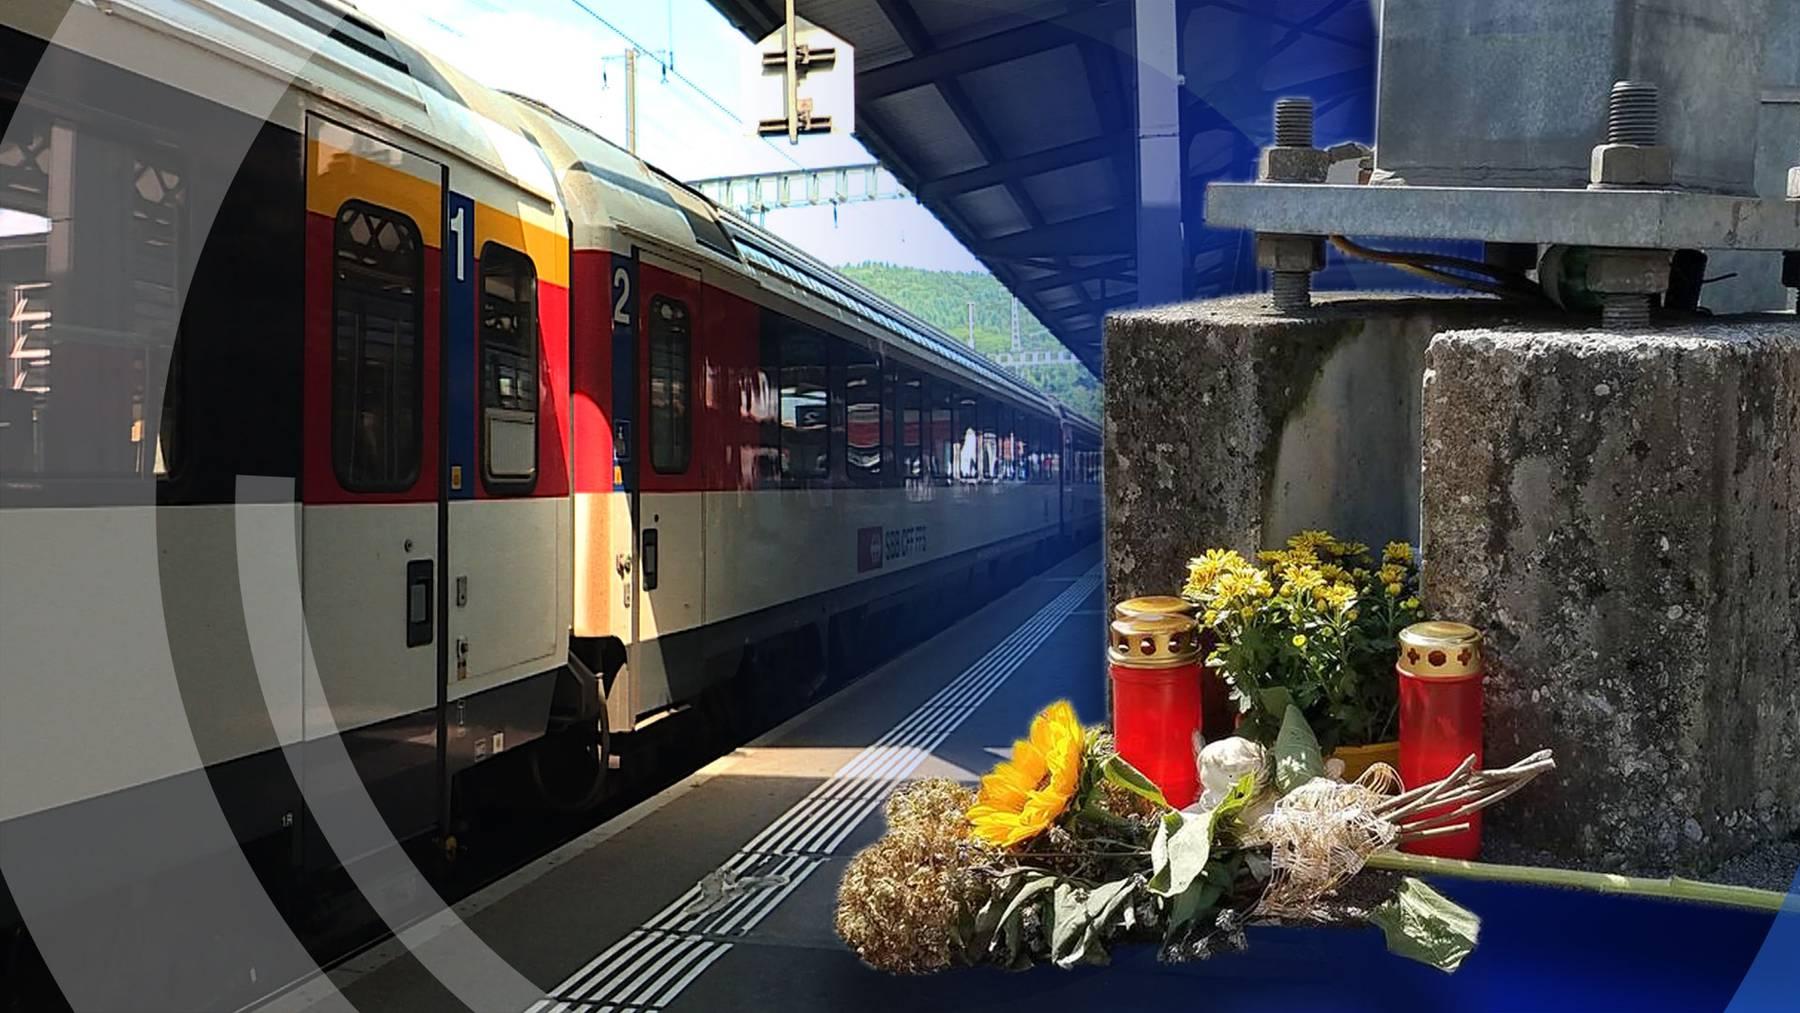 Baden: Zugbegleiter zwischen Türen eingeklemmt und verstorben